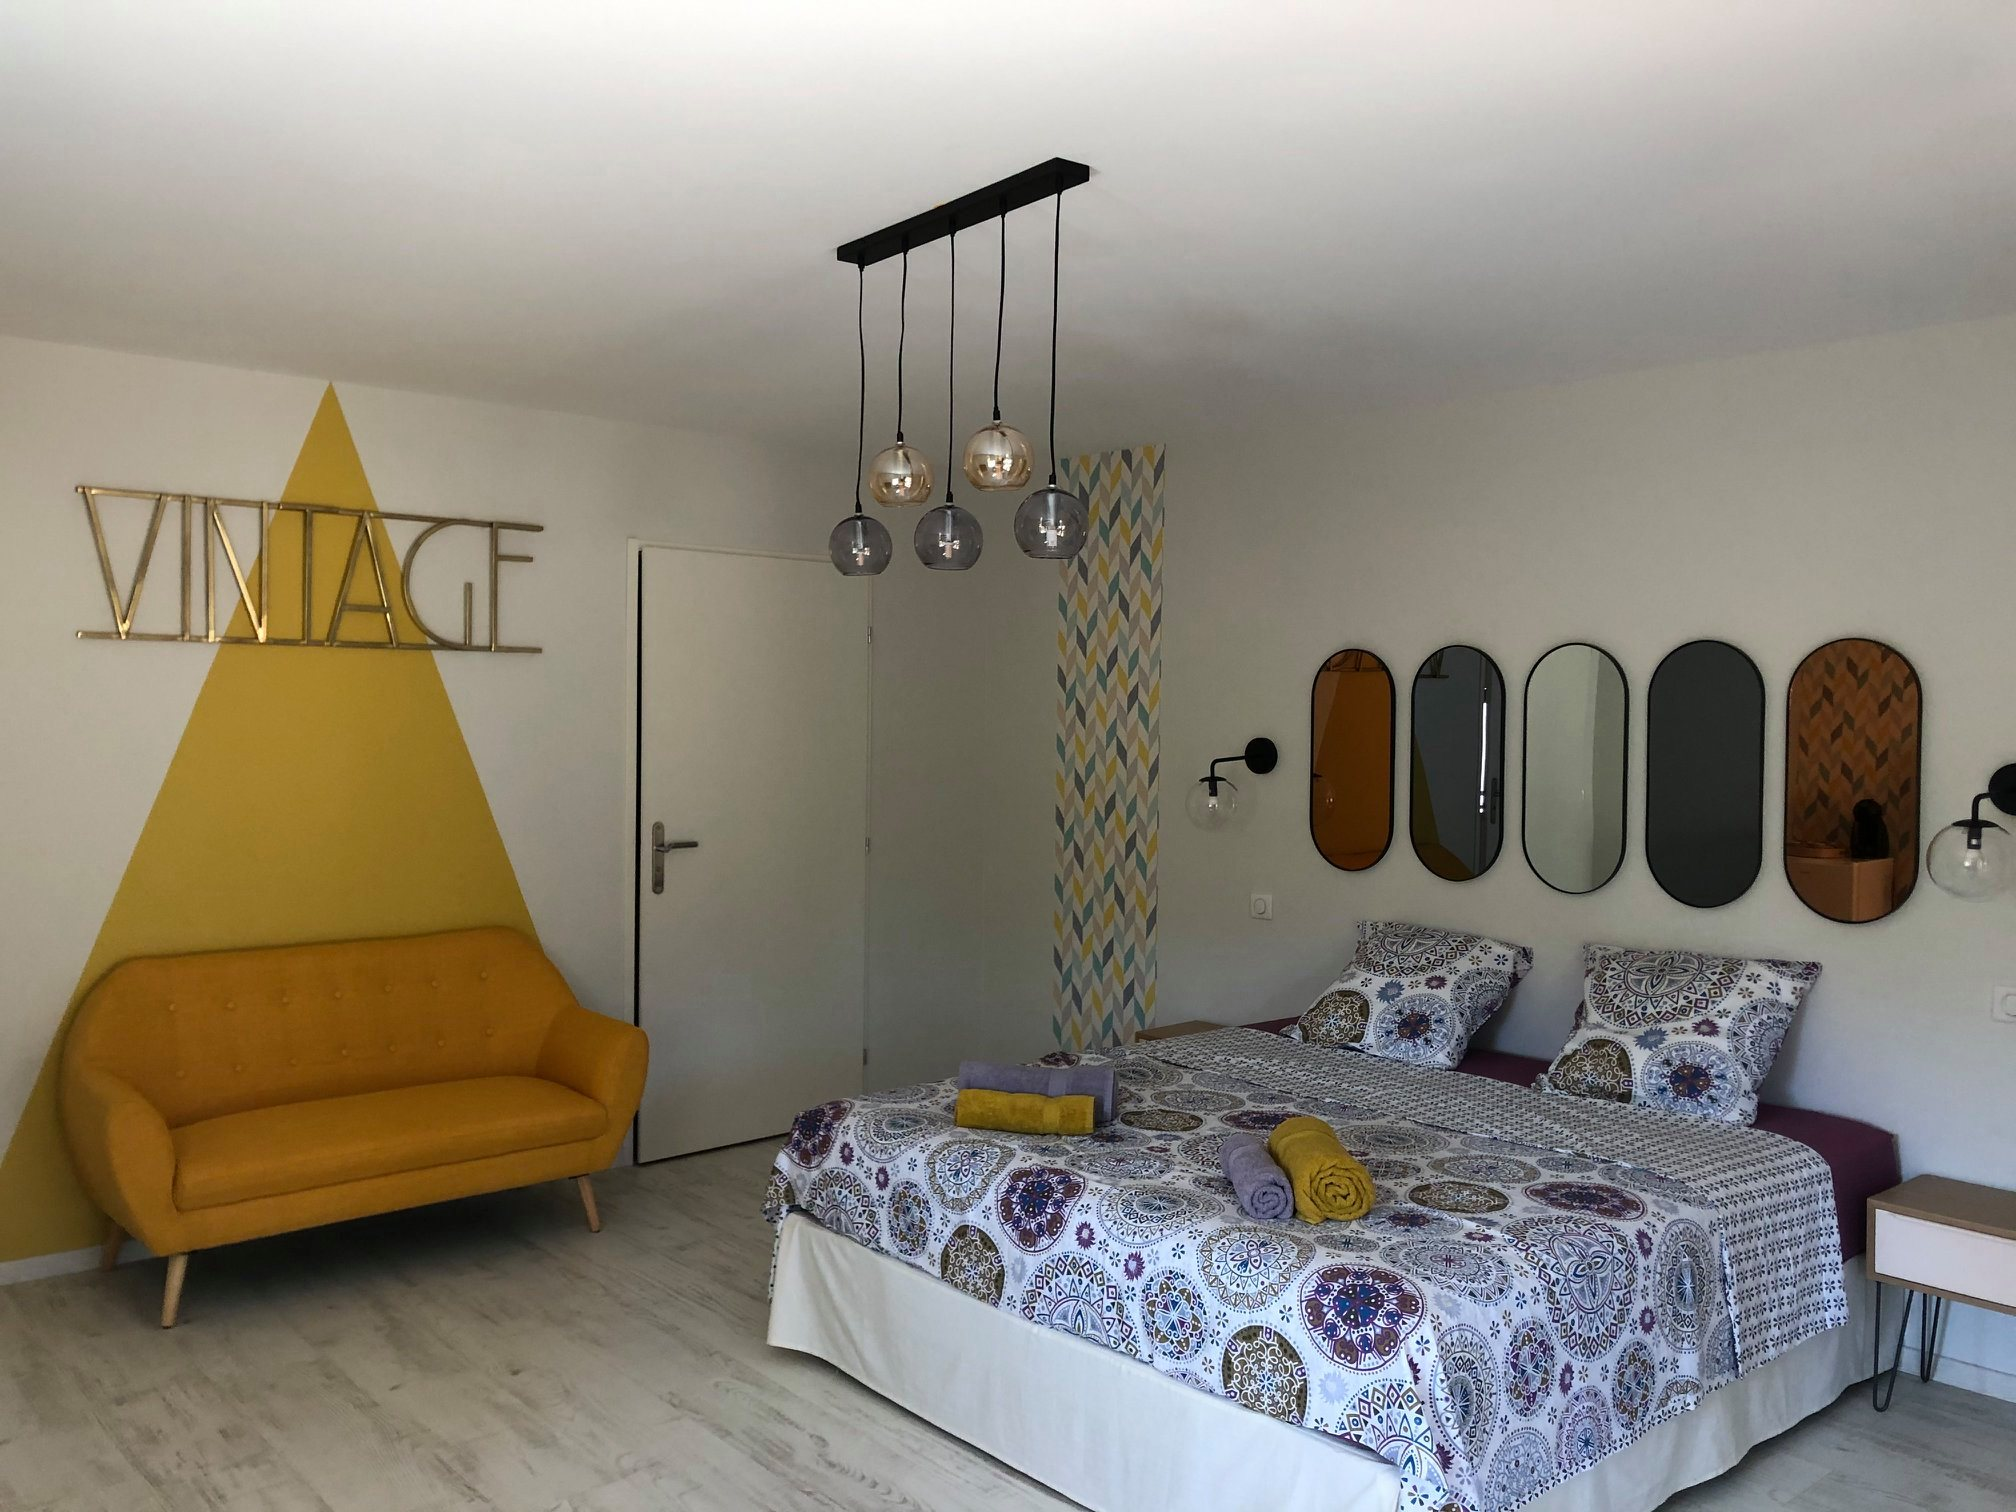 Création d'une maison d'hôtes à Belvès en Dordogne, réalisation des peintures (plafonds, murs et boiseries), des figures et la pose de papiers peints par la SARL Marcillac et Fils